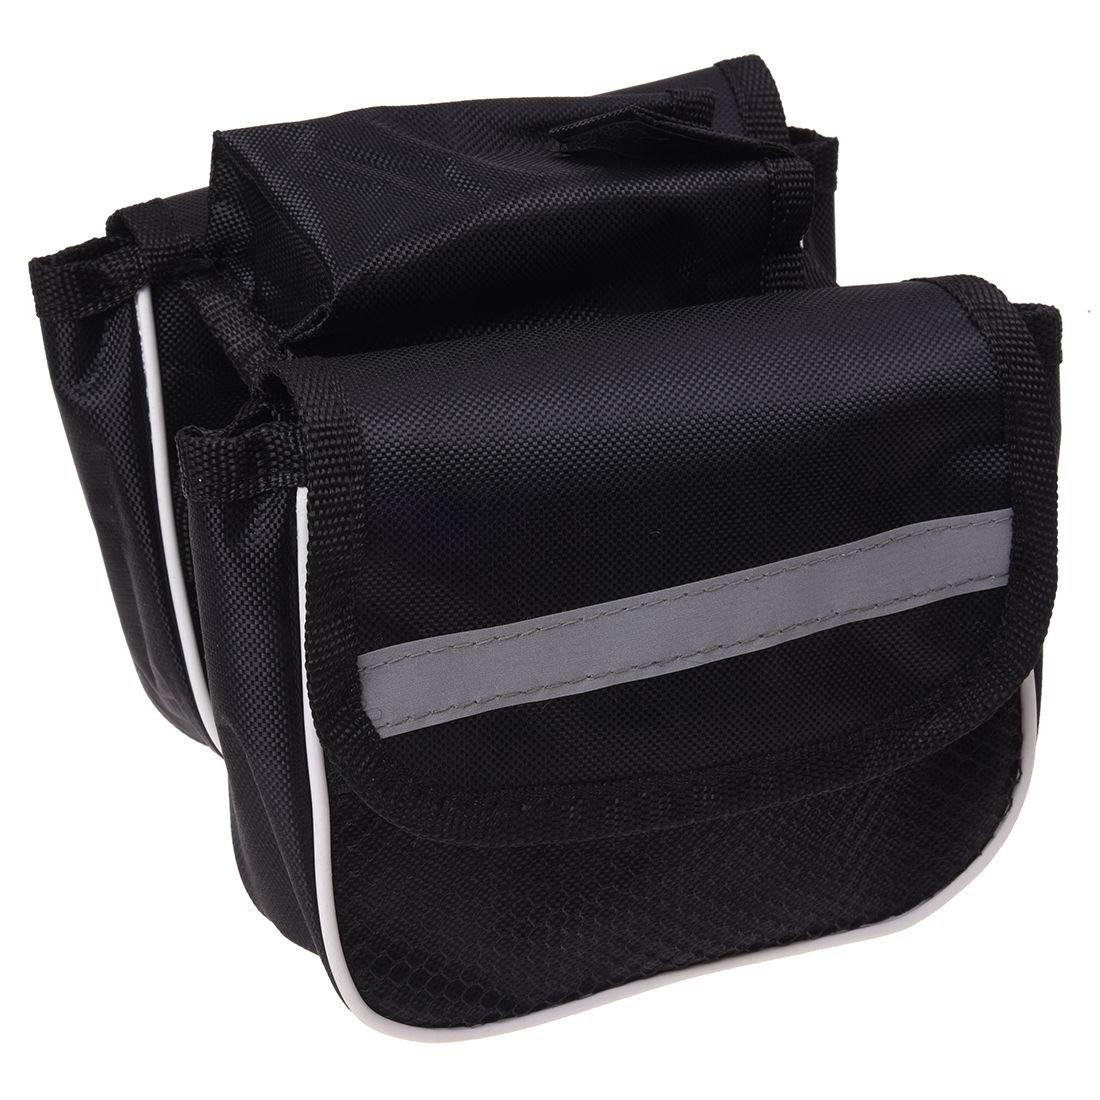 TOOGOO(R) Bolsa para Cuadro de Bicicleta SHOMAGT26127